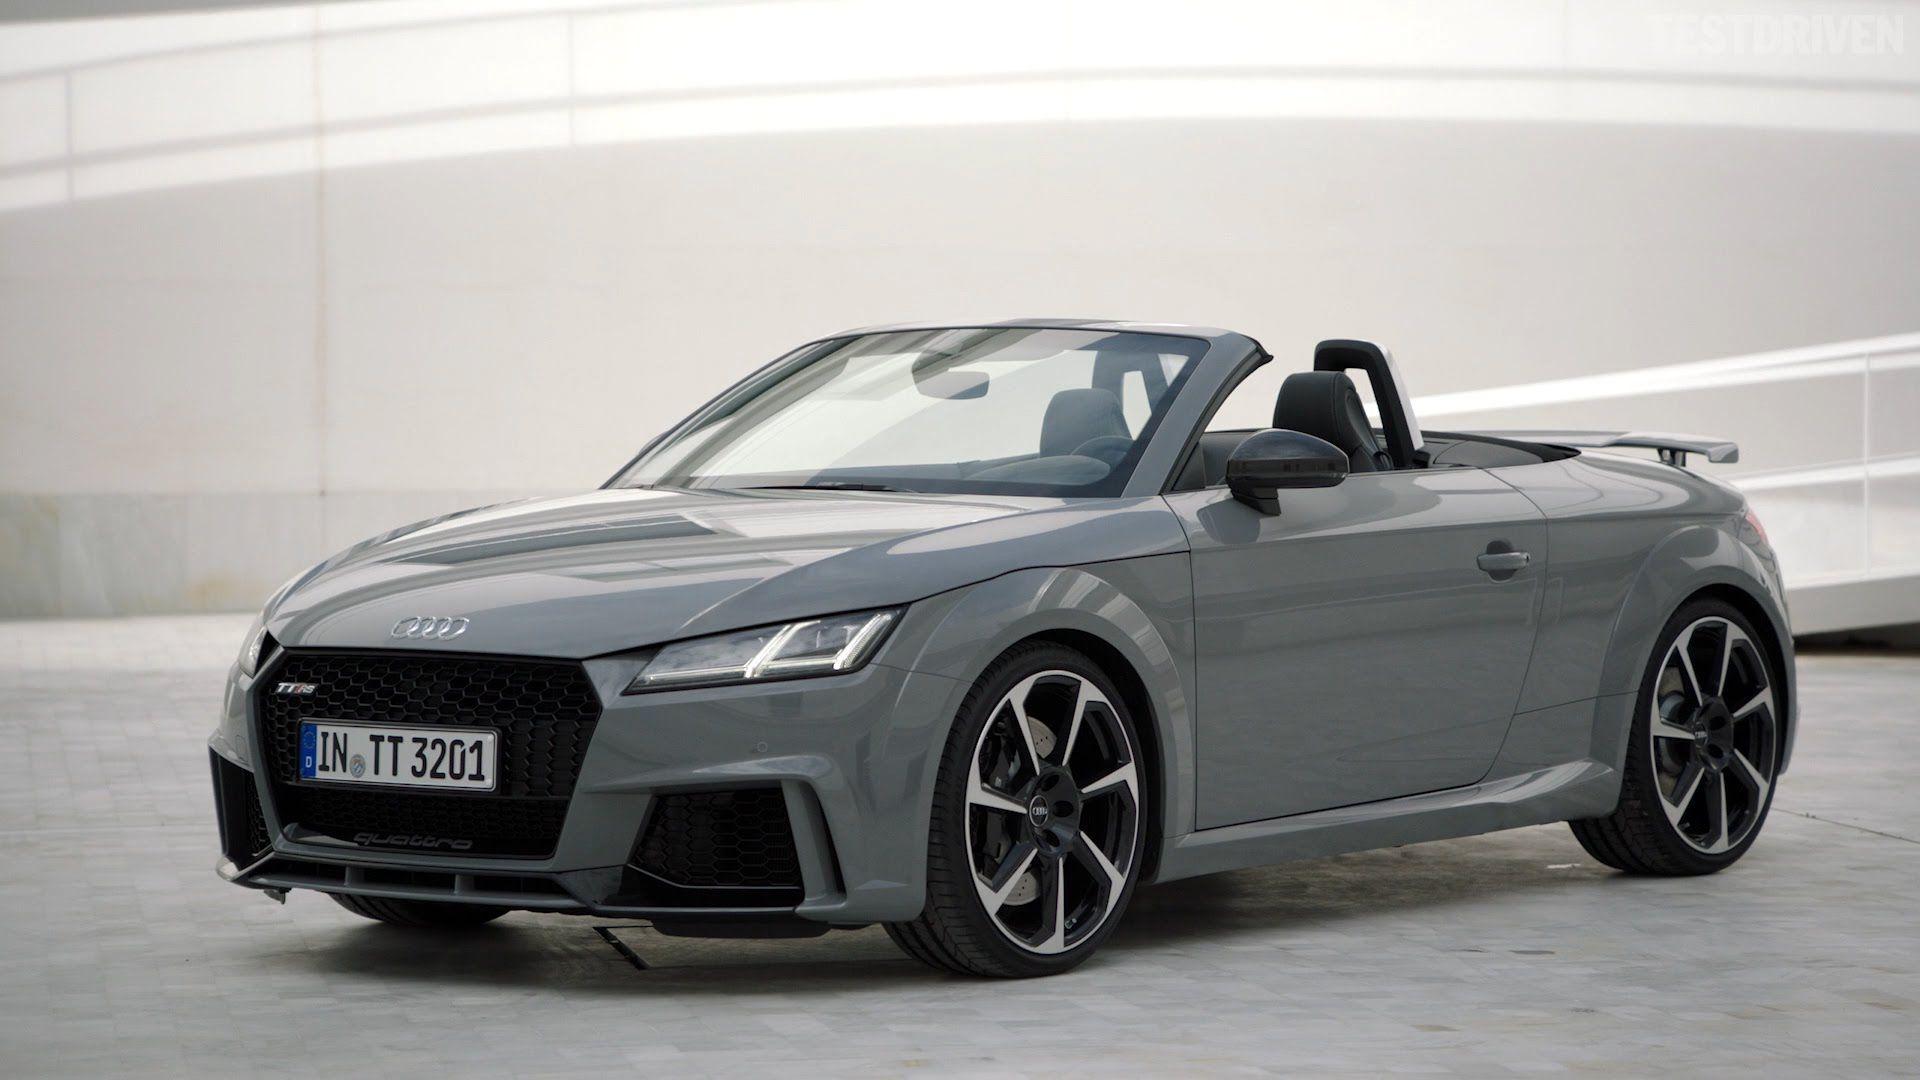 2017 Audi Tt Rs Roadster Hd Pics Wantingseed